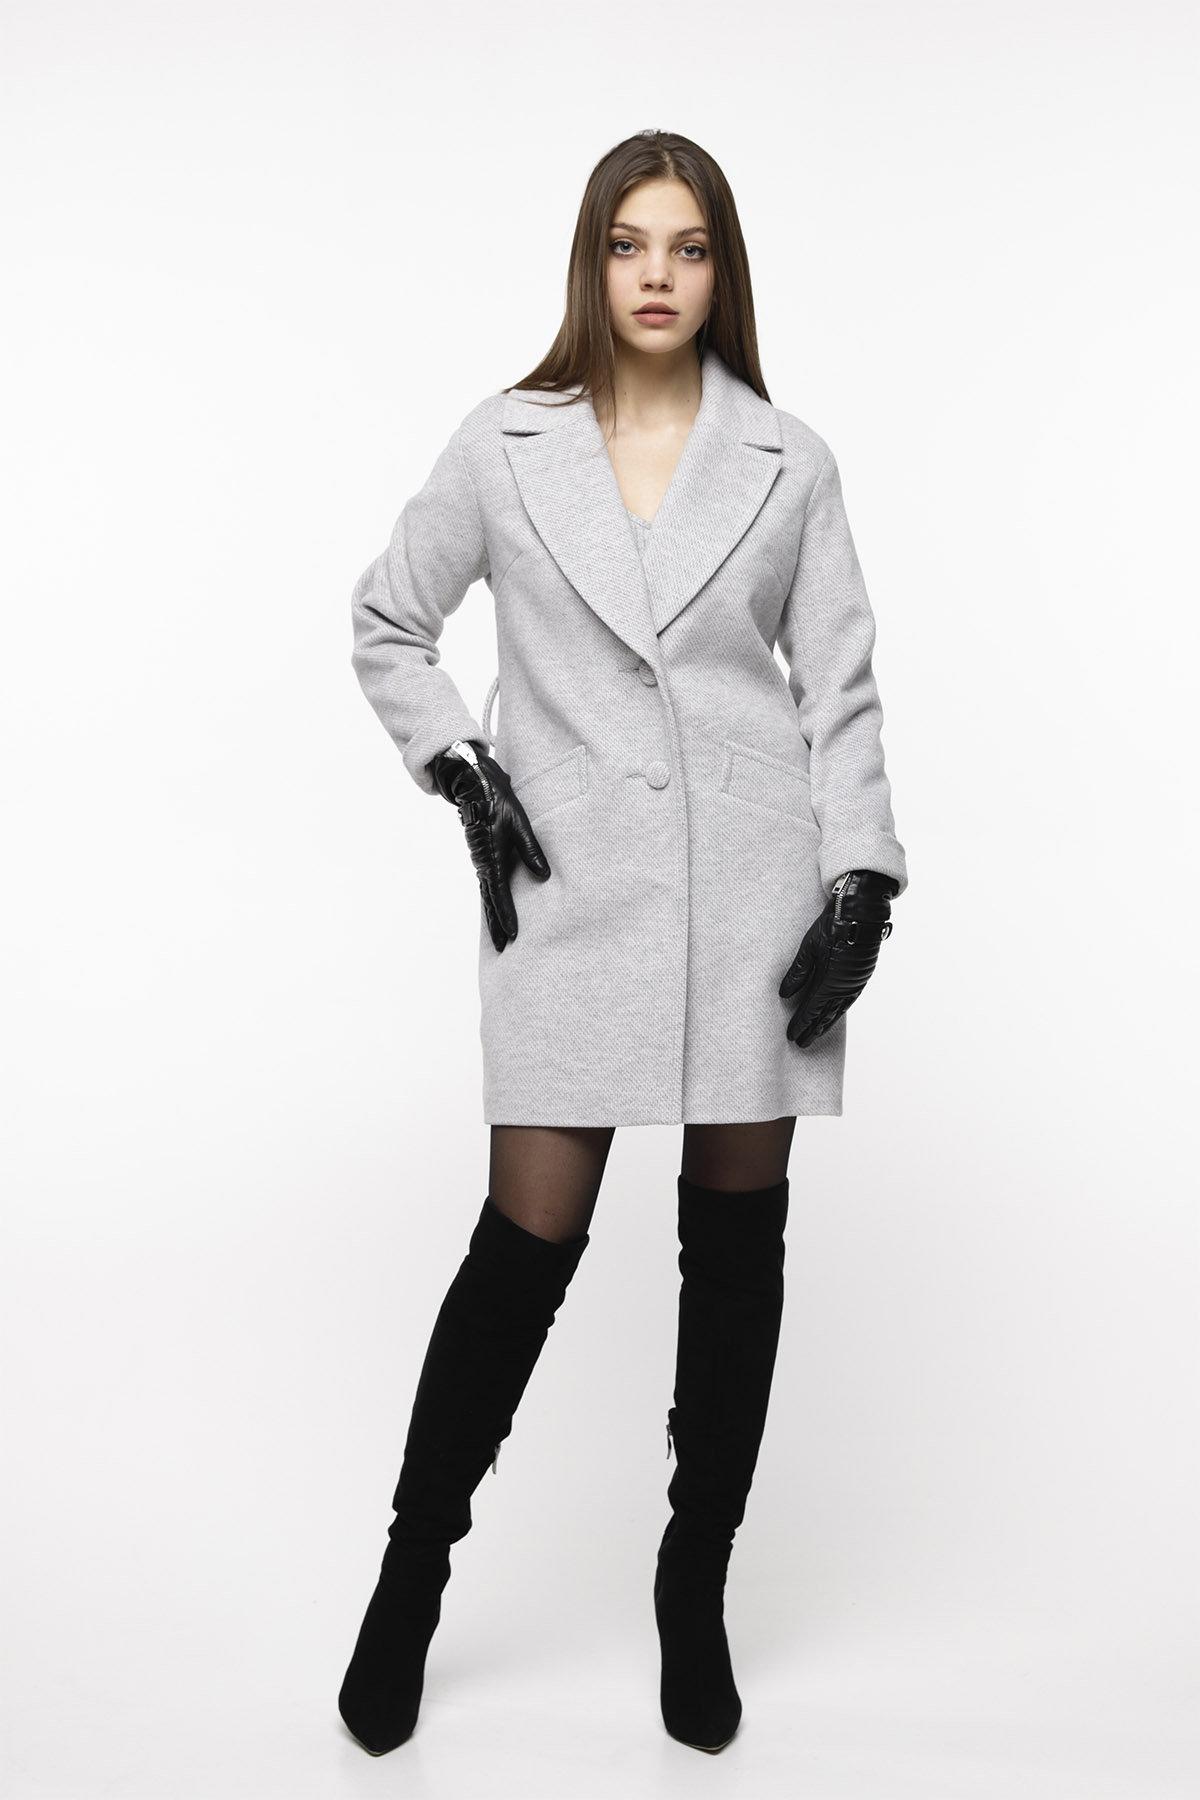 Кашемировое пальто Вейсона 8803 АРТ. 45140 Цвет: Светло серый - фото 1, интернет магазин tm-modus.ru